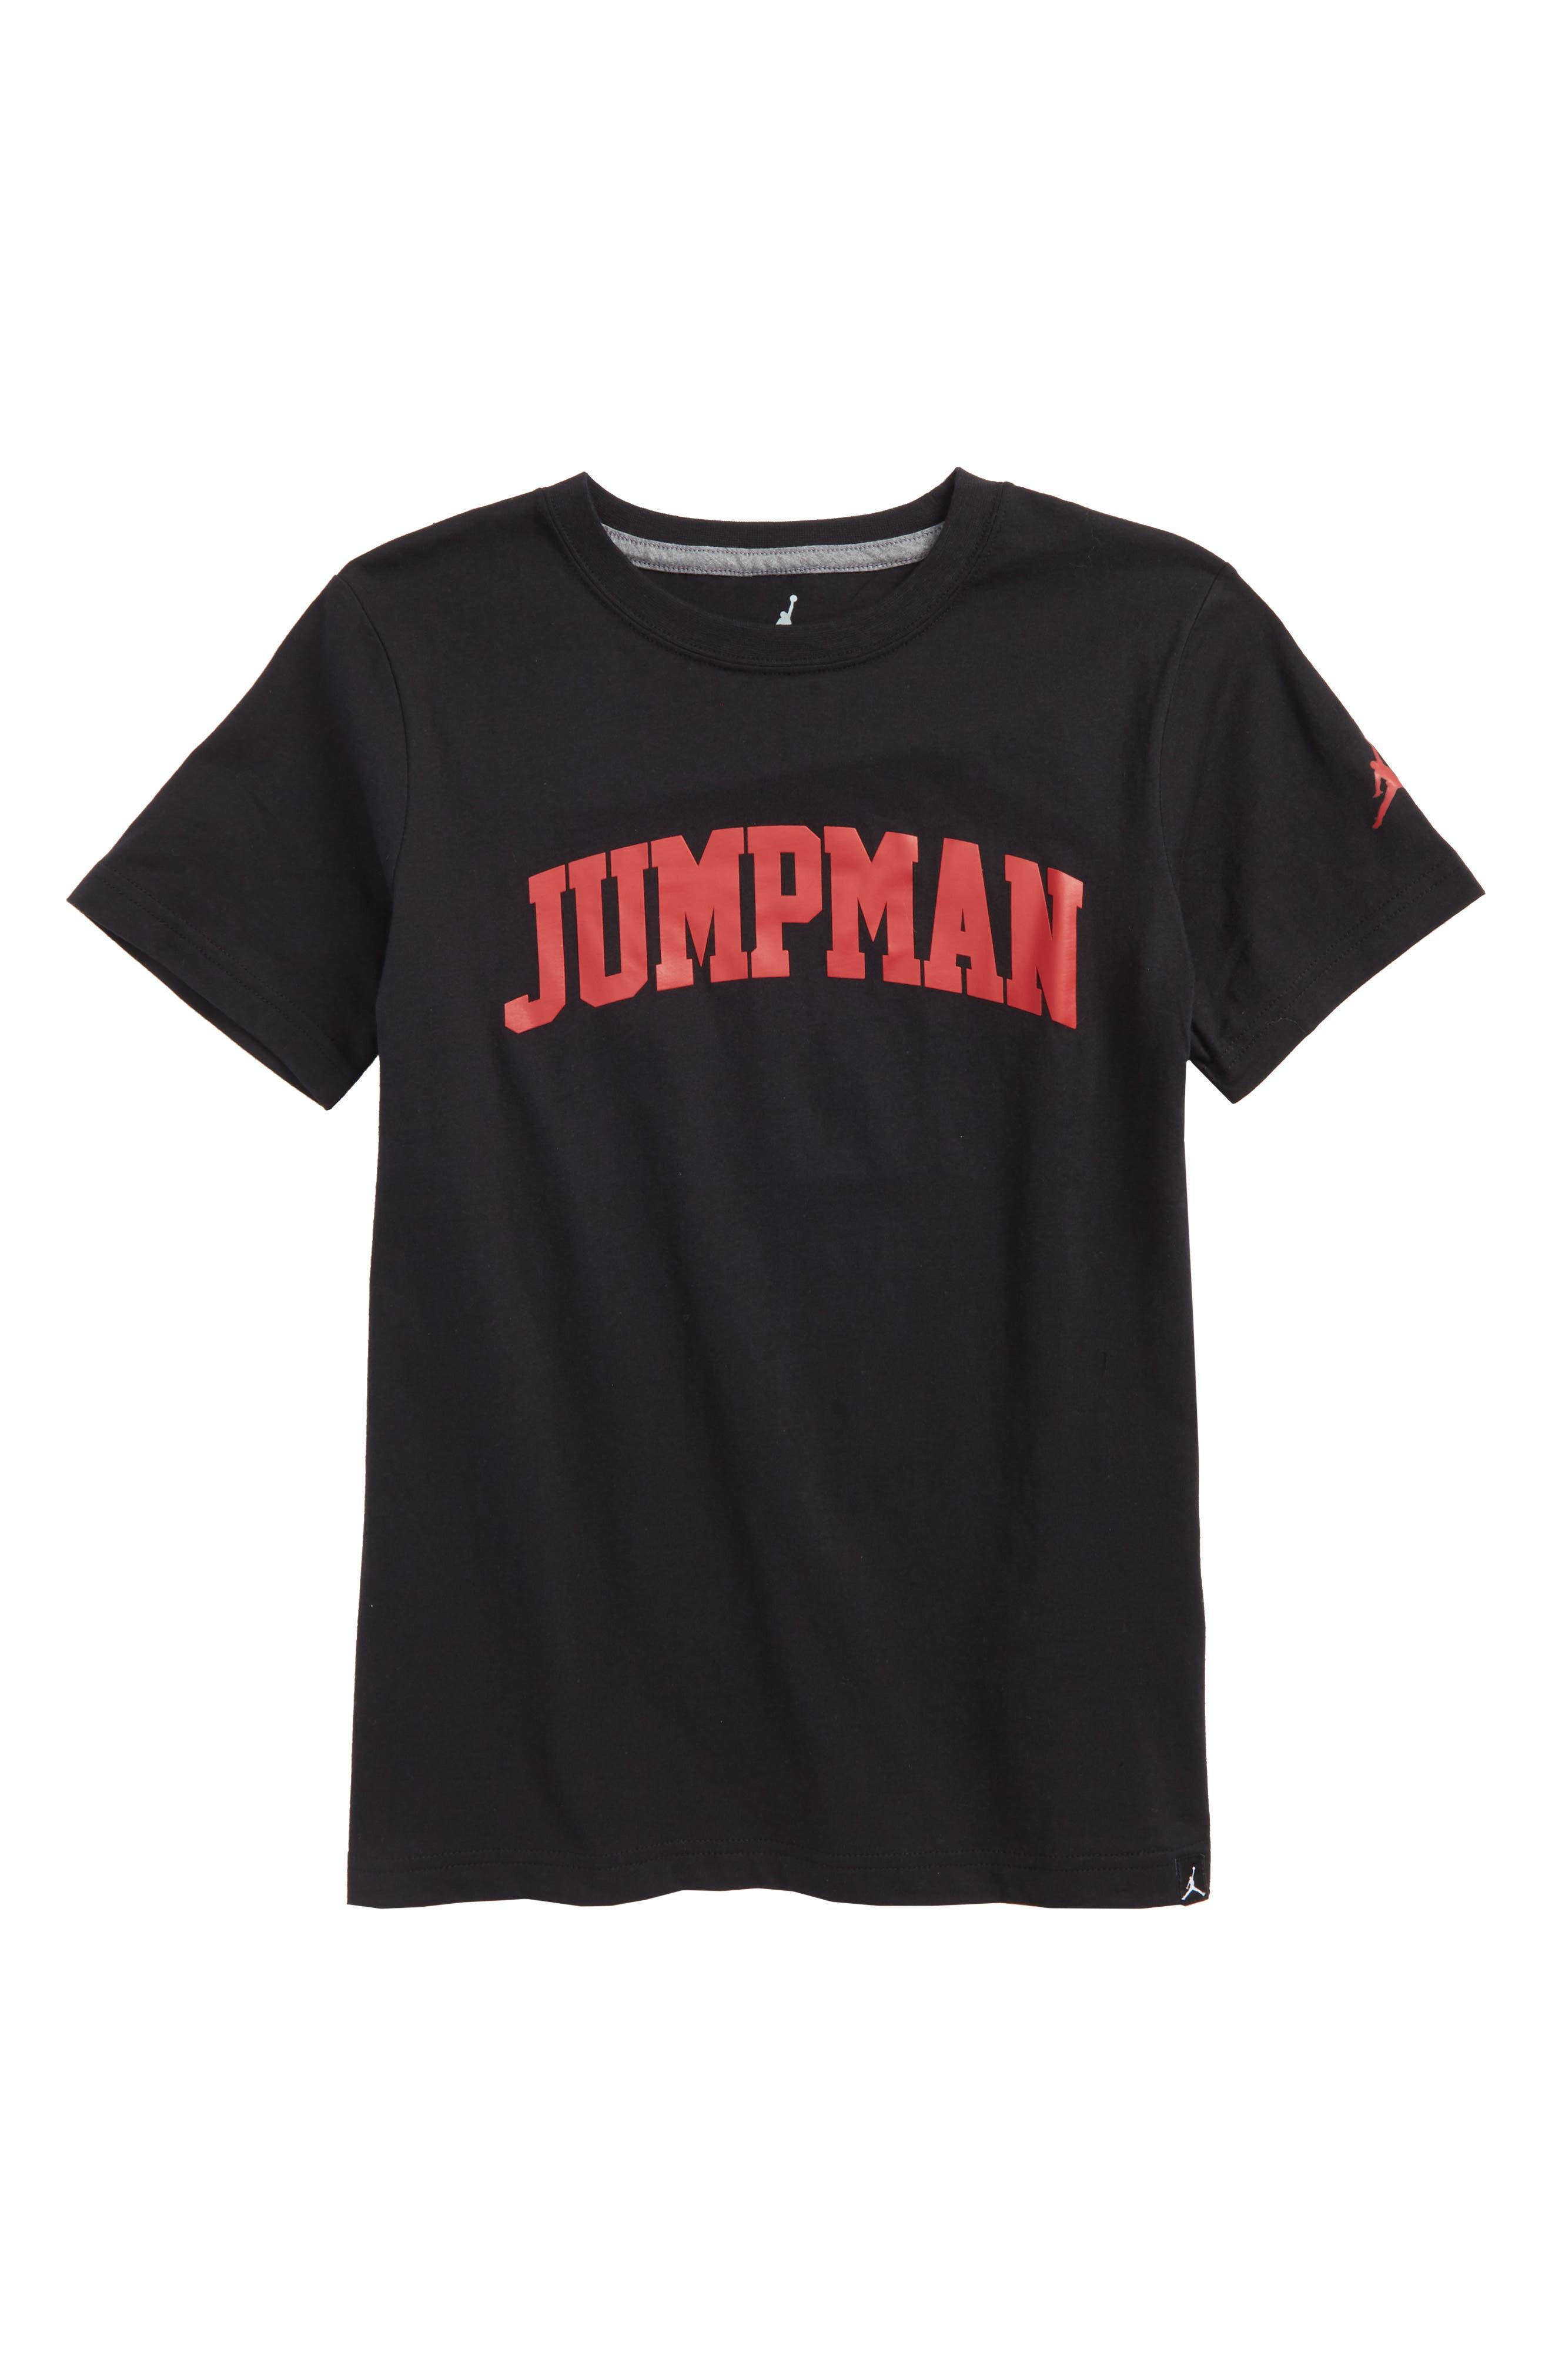 Jordan Brand Graphic T-Shirt,                         Main,                         color, Black